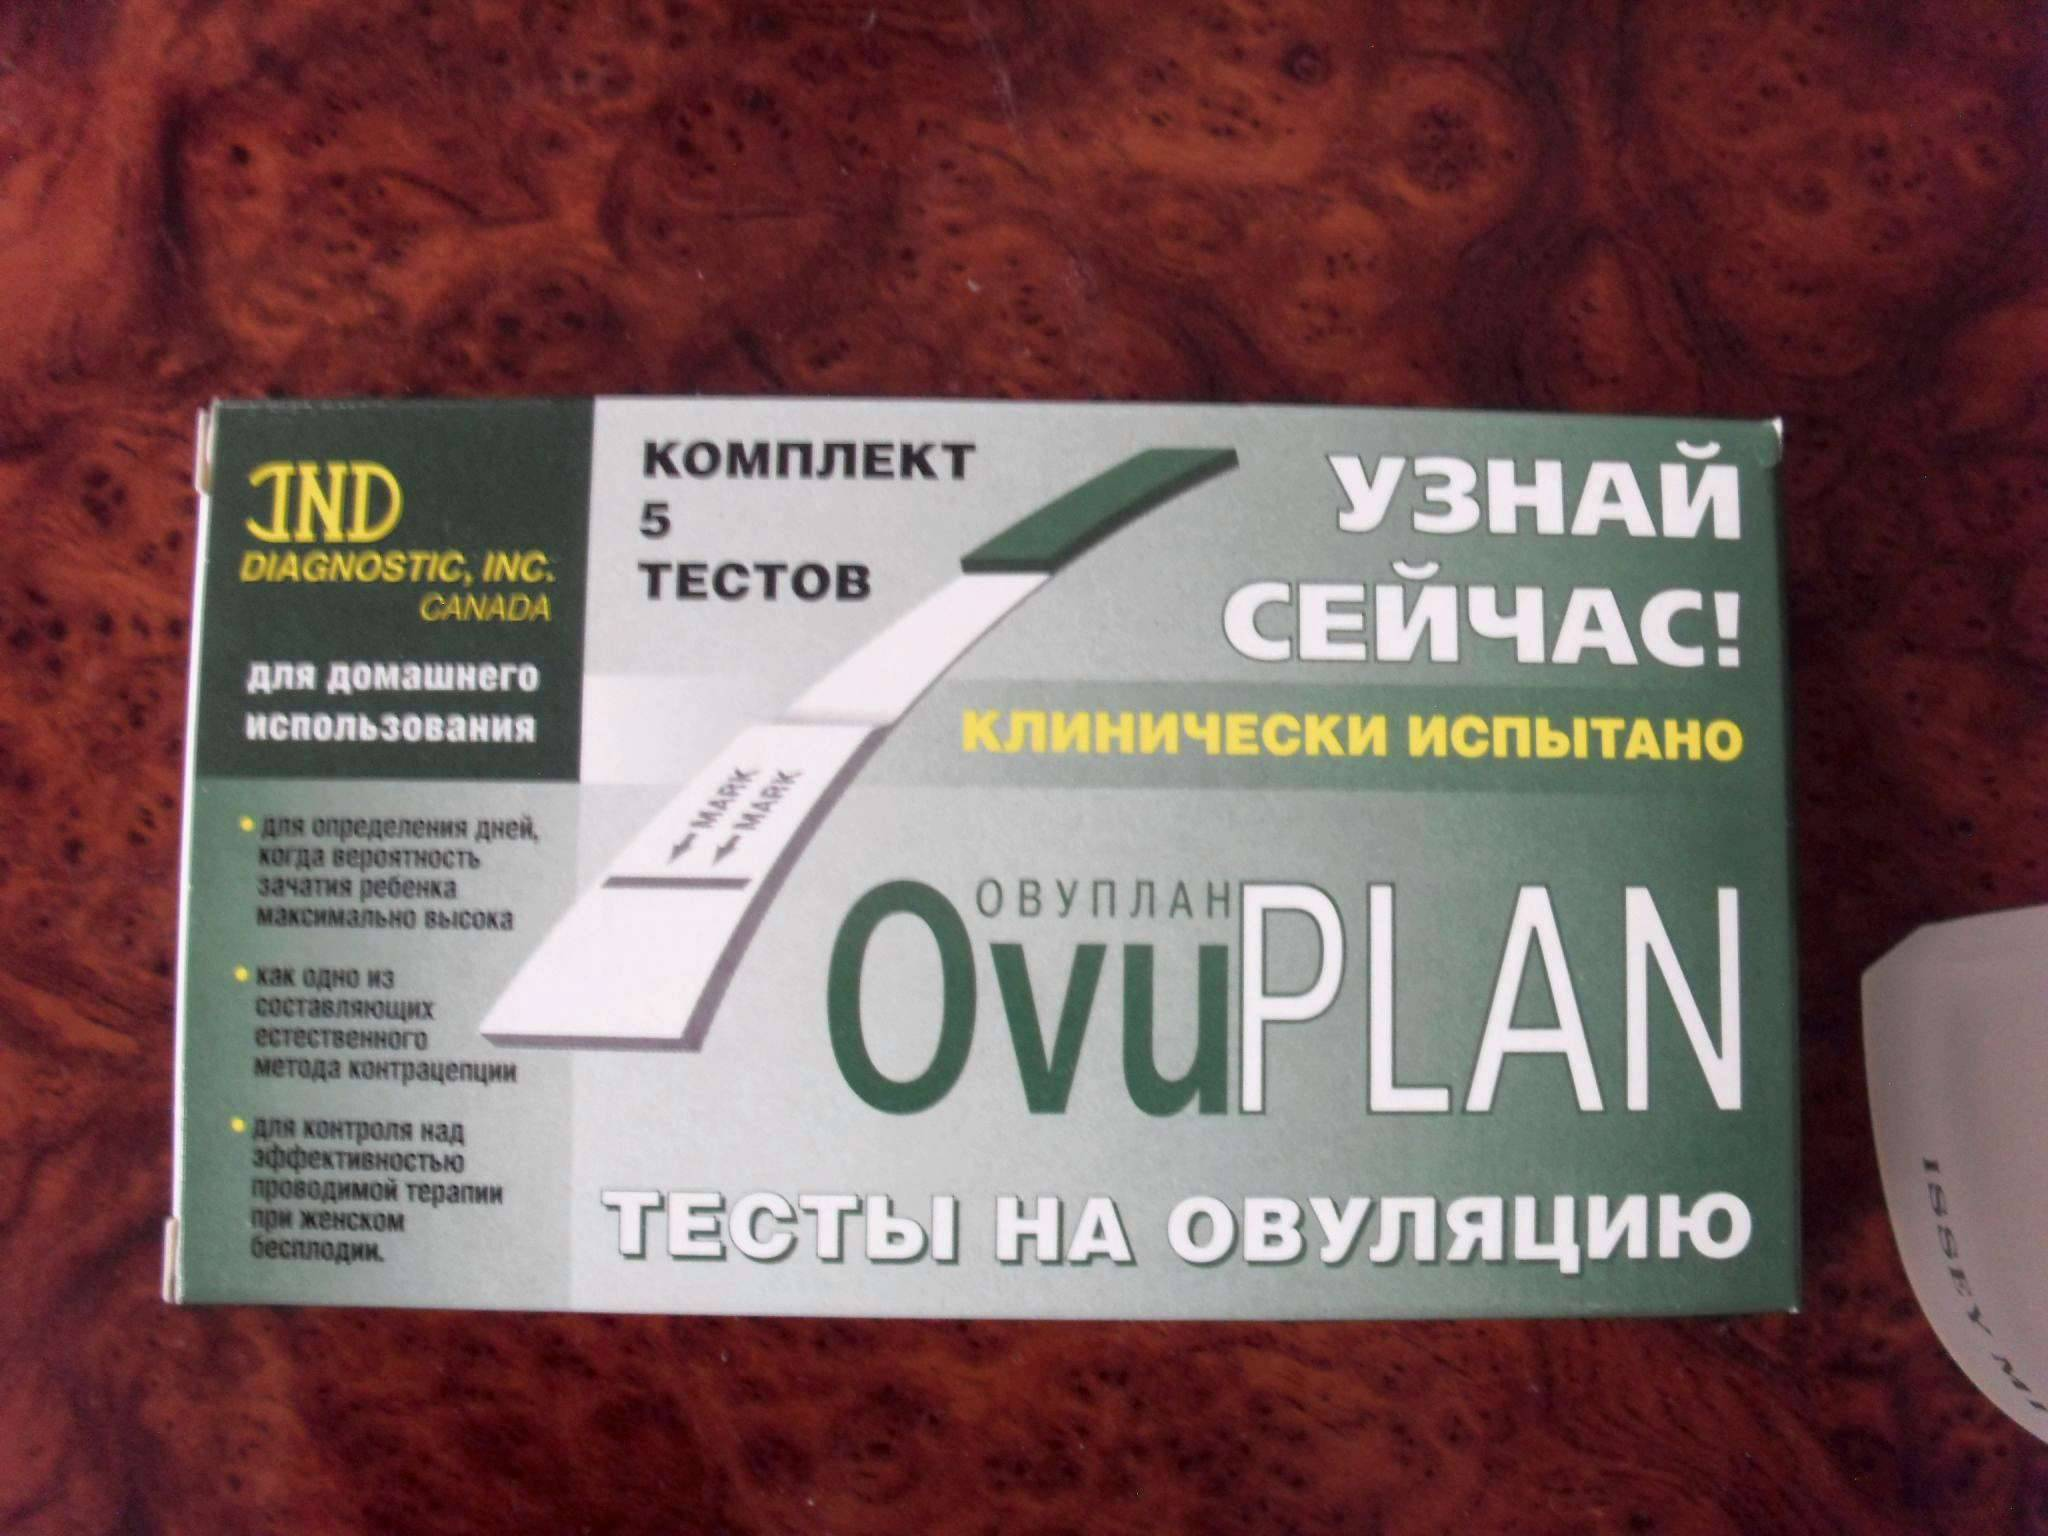 Тест на овуляцию eviplan: инструкция по применению